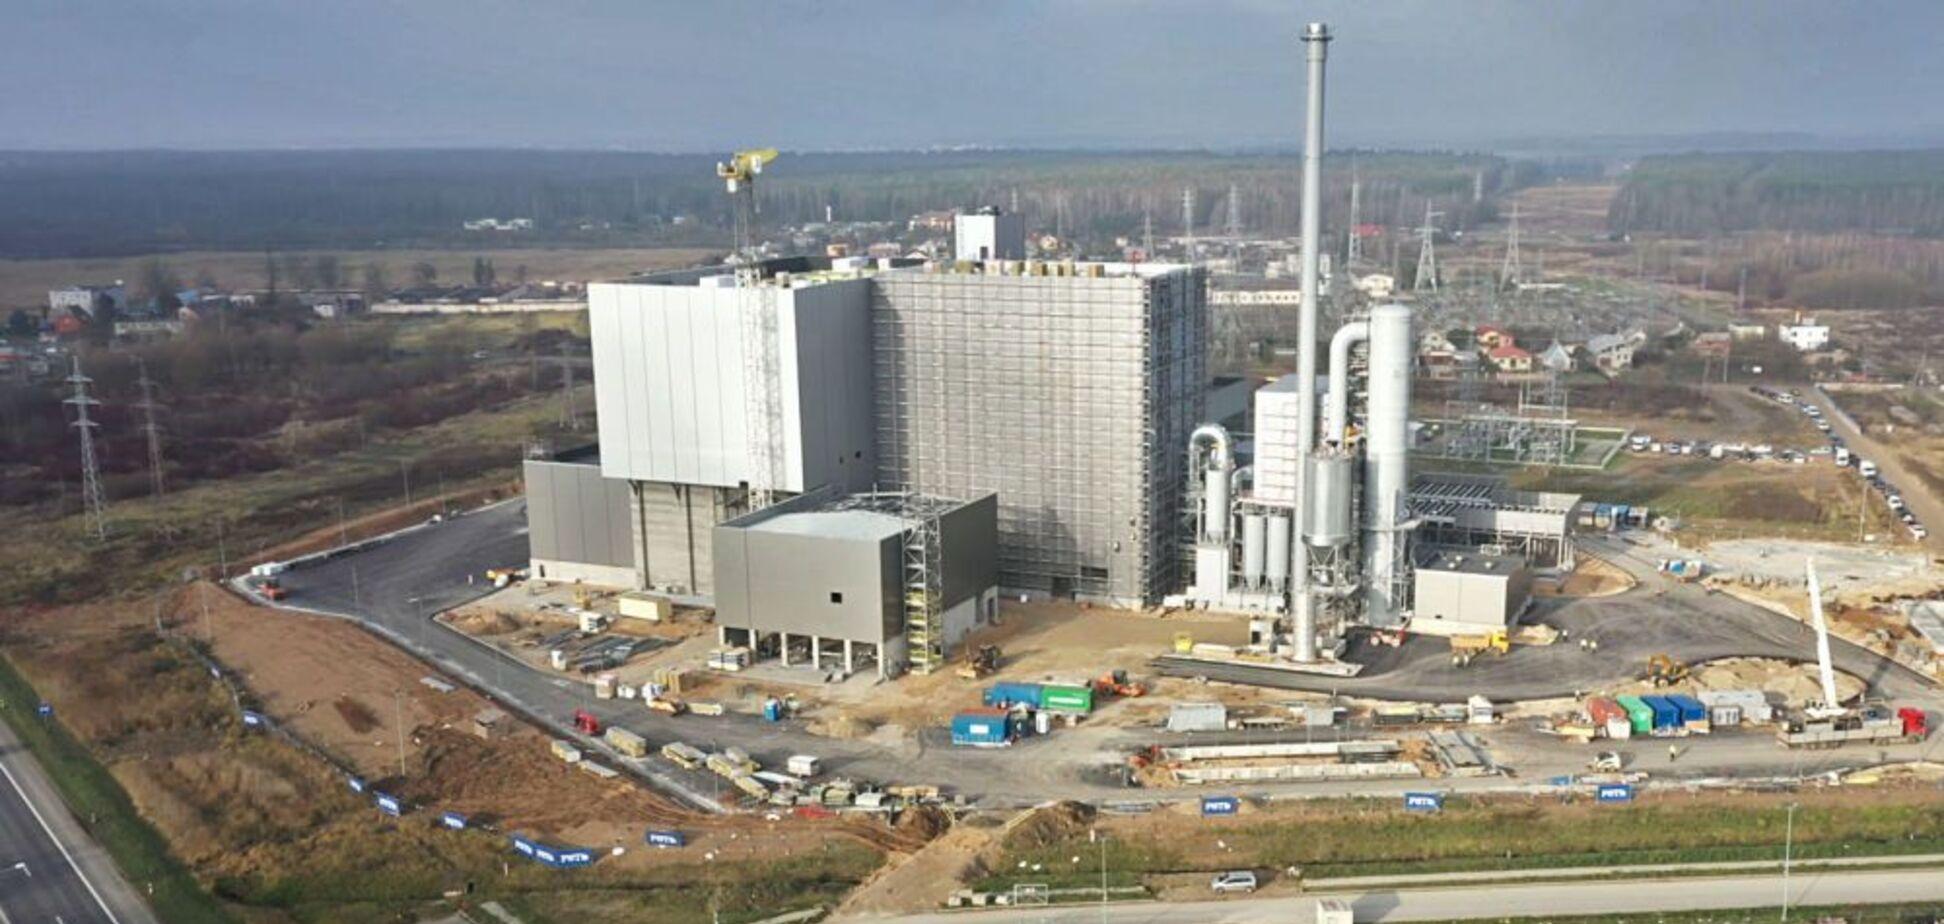 Десятки заводов: Европа переходит на 'энергию мусора'